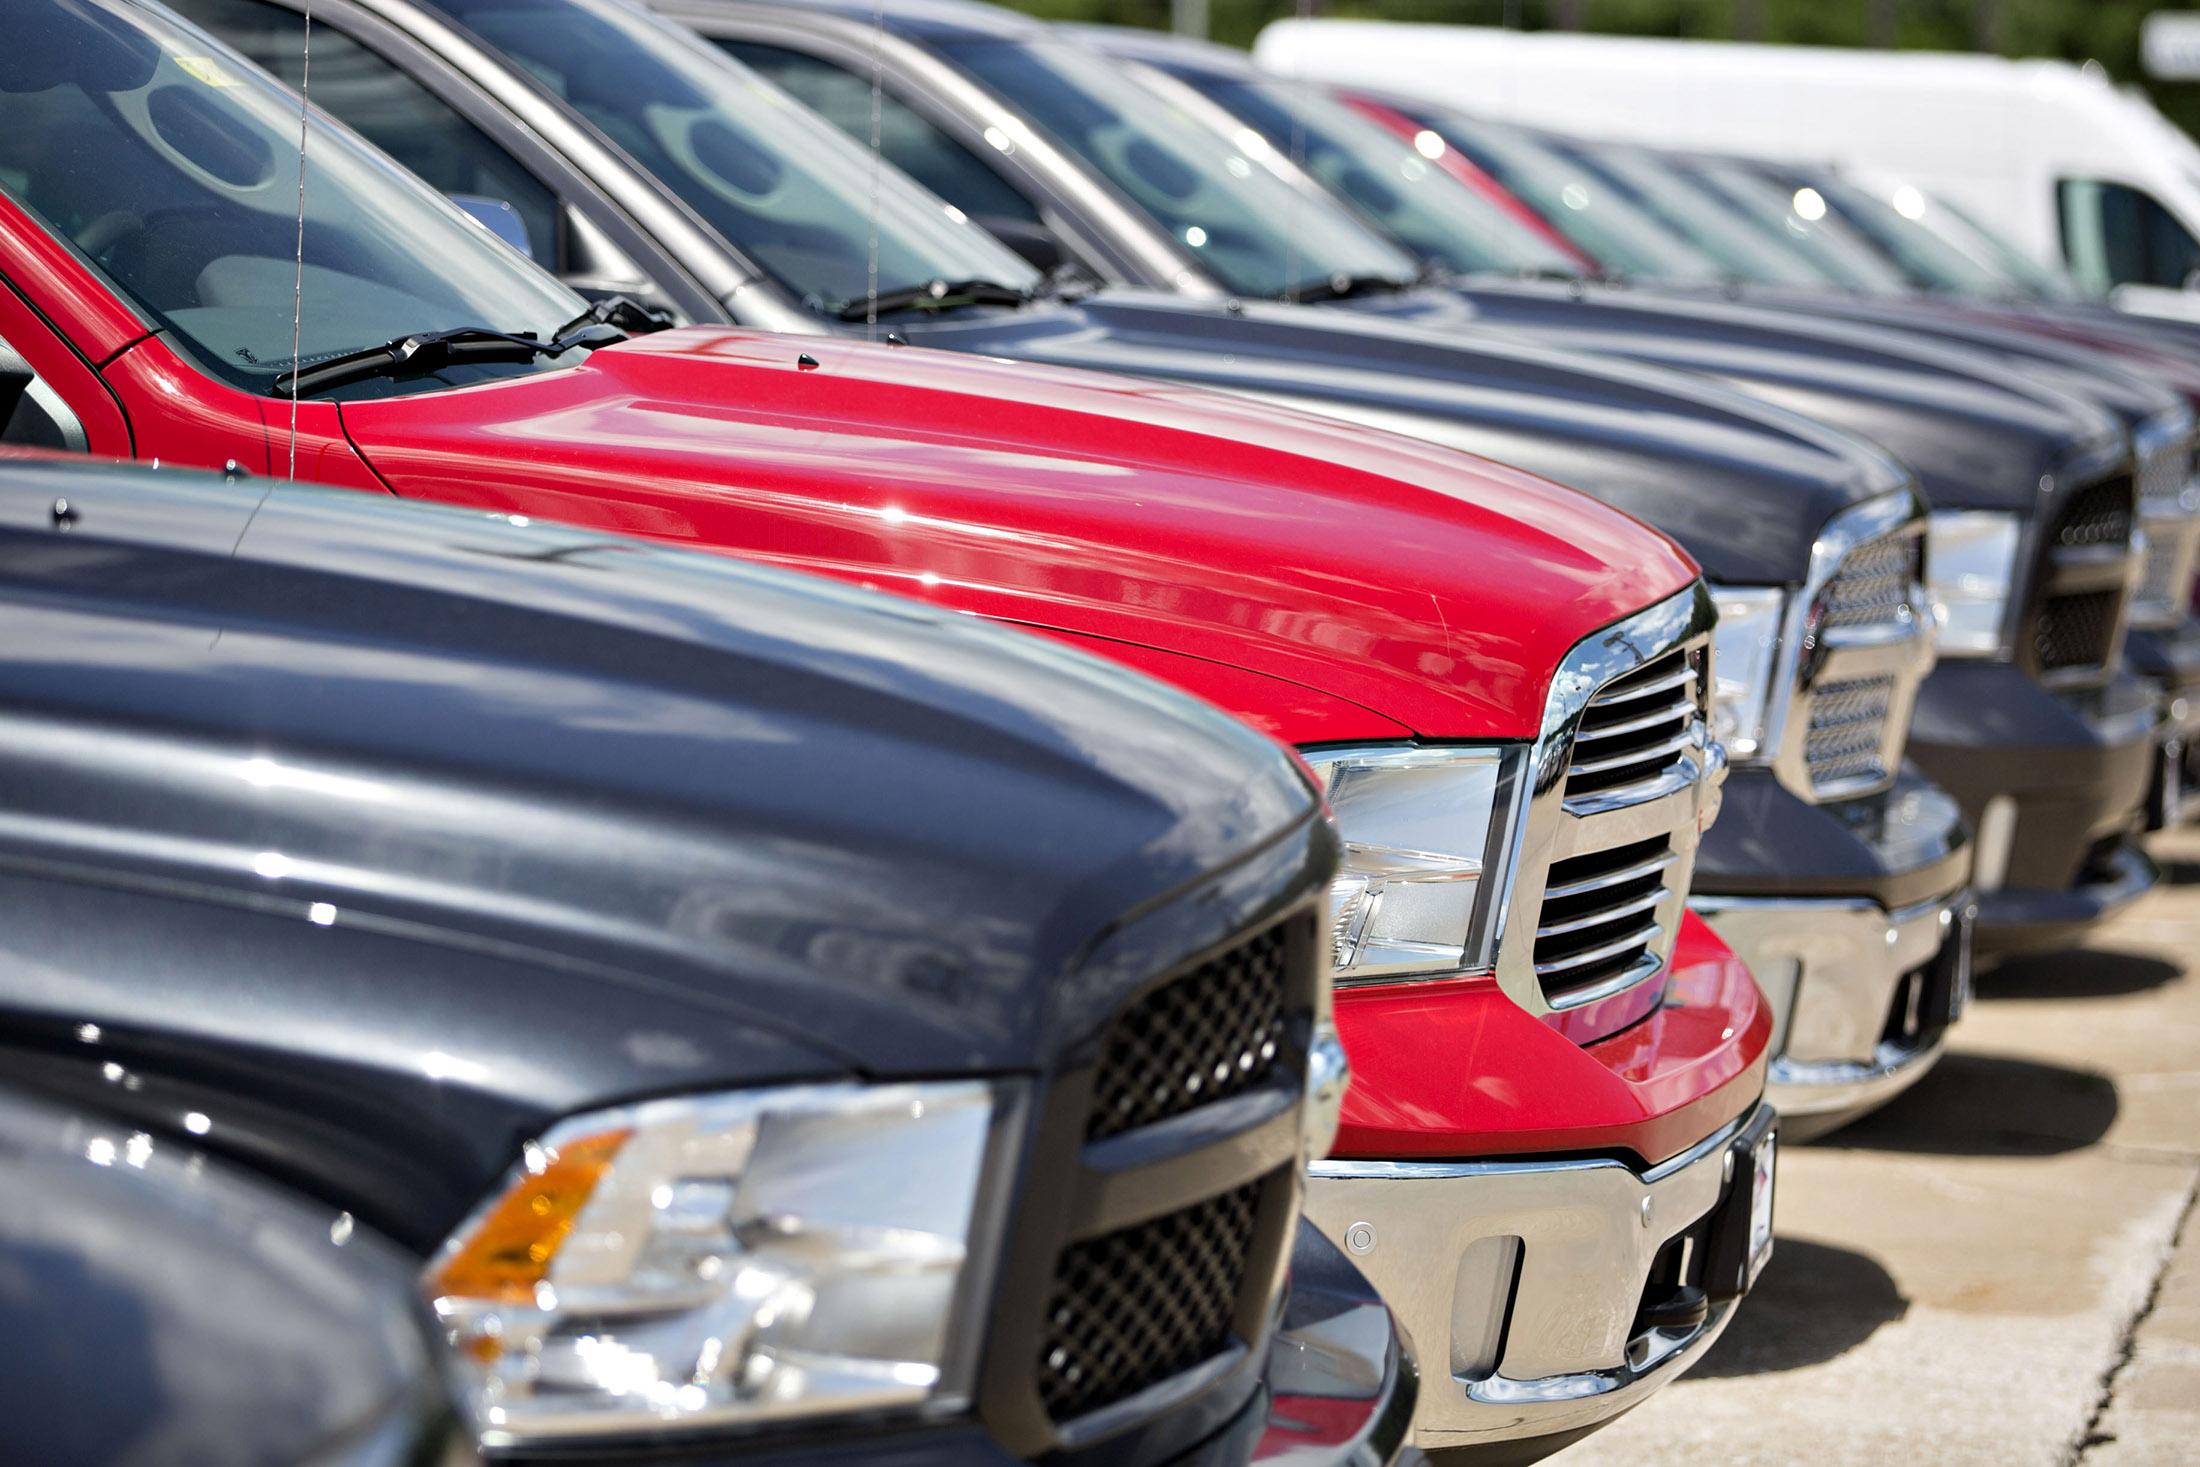 Hyundai motor company yahoo finance - Hyundai Motor Company Yahoo Finance 20